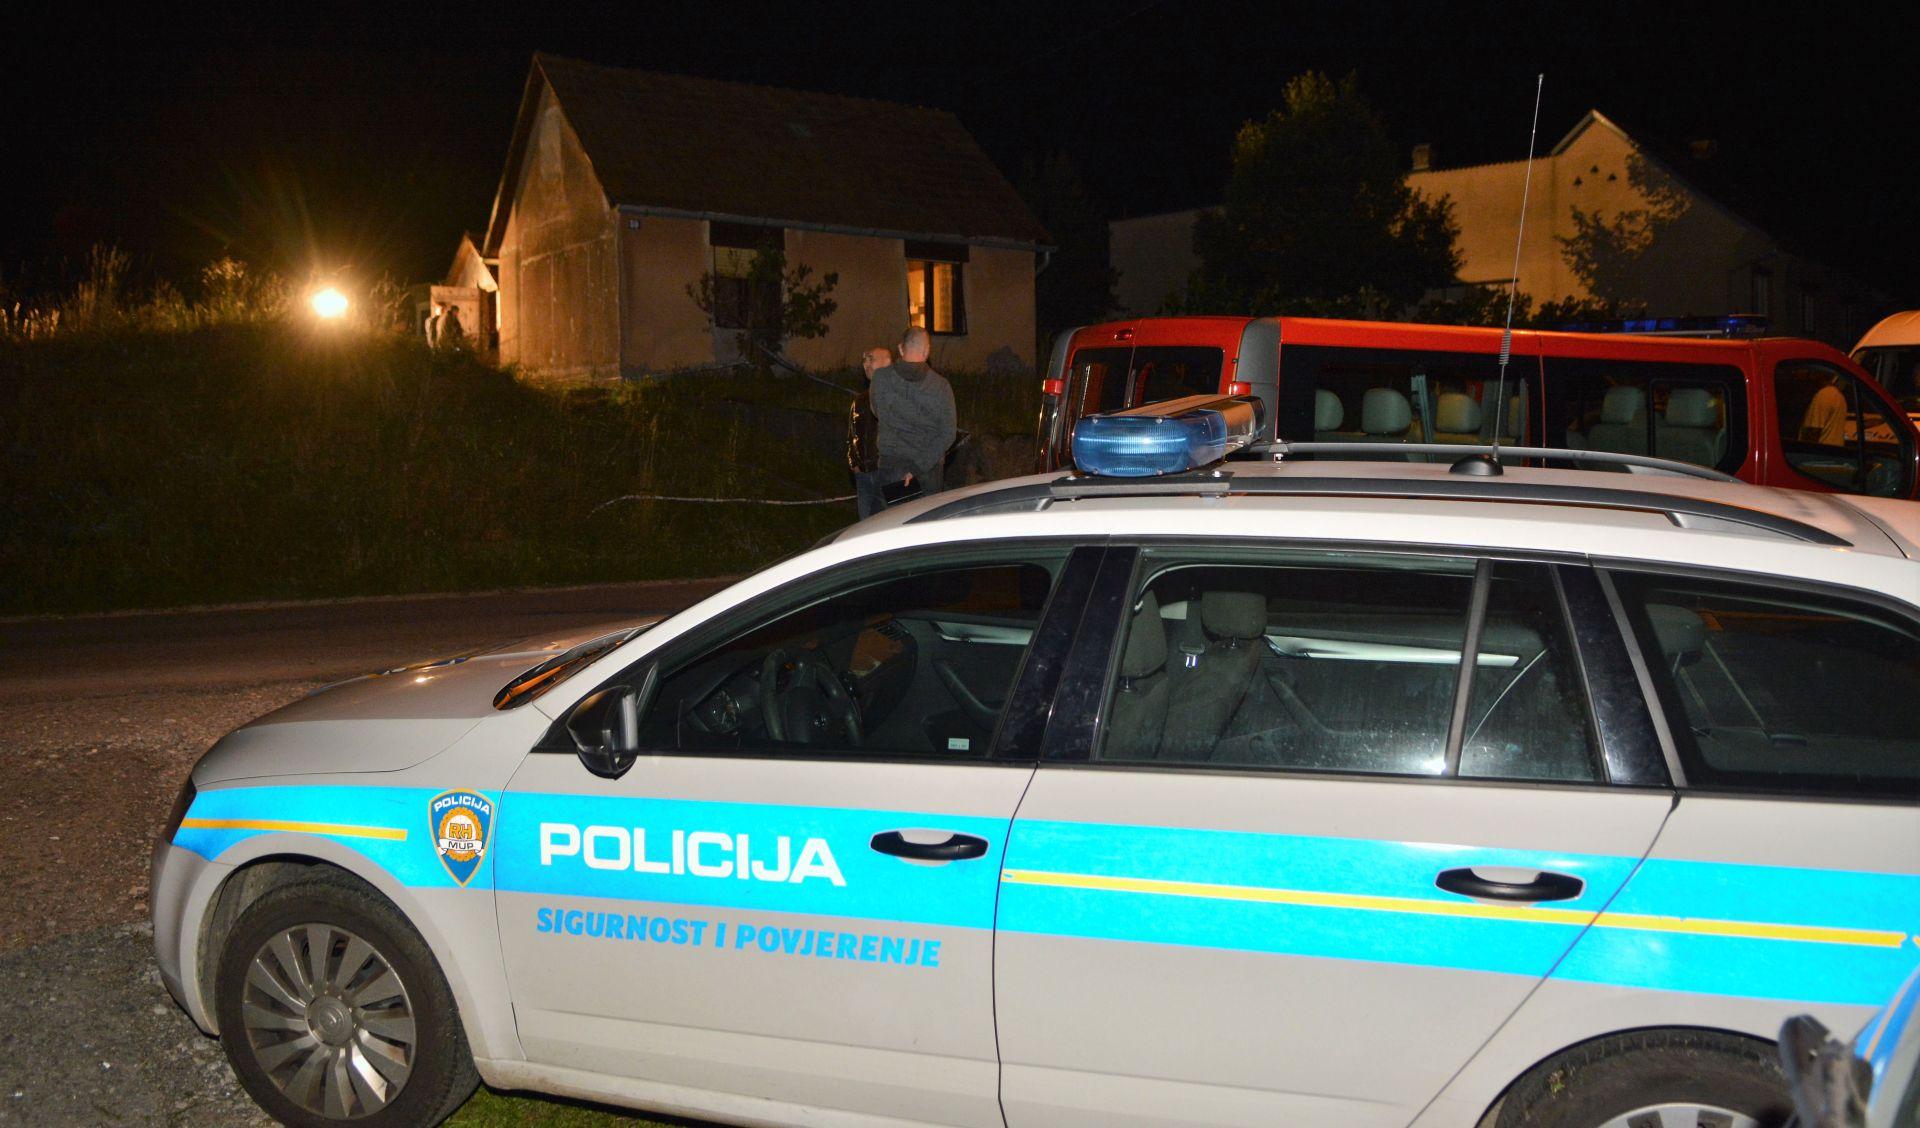 Policija vezano uz ubojstvo djevojke kaže da je intervenirala svaki put kad je to od nje zatraženo